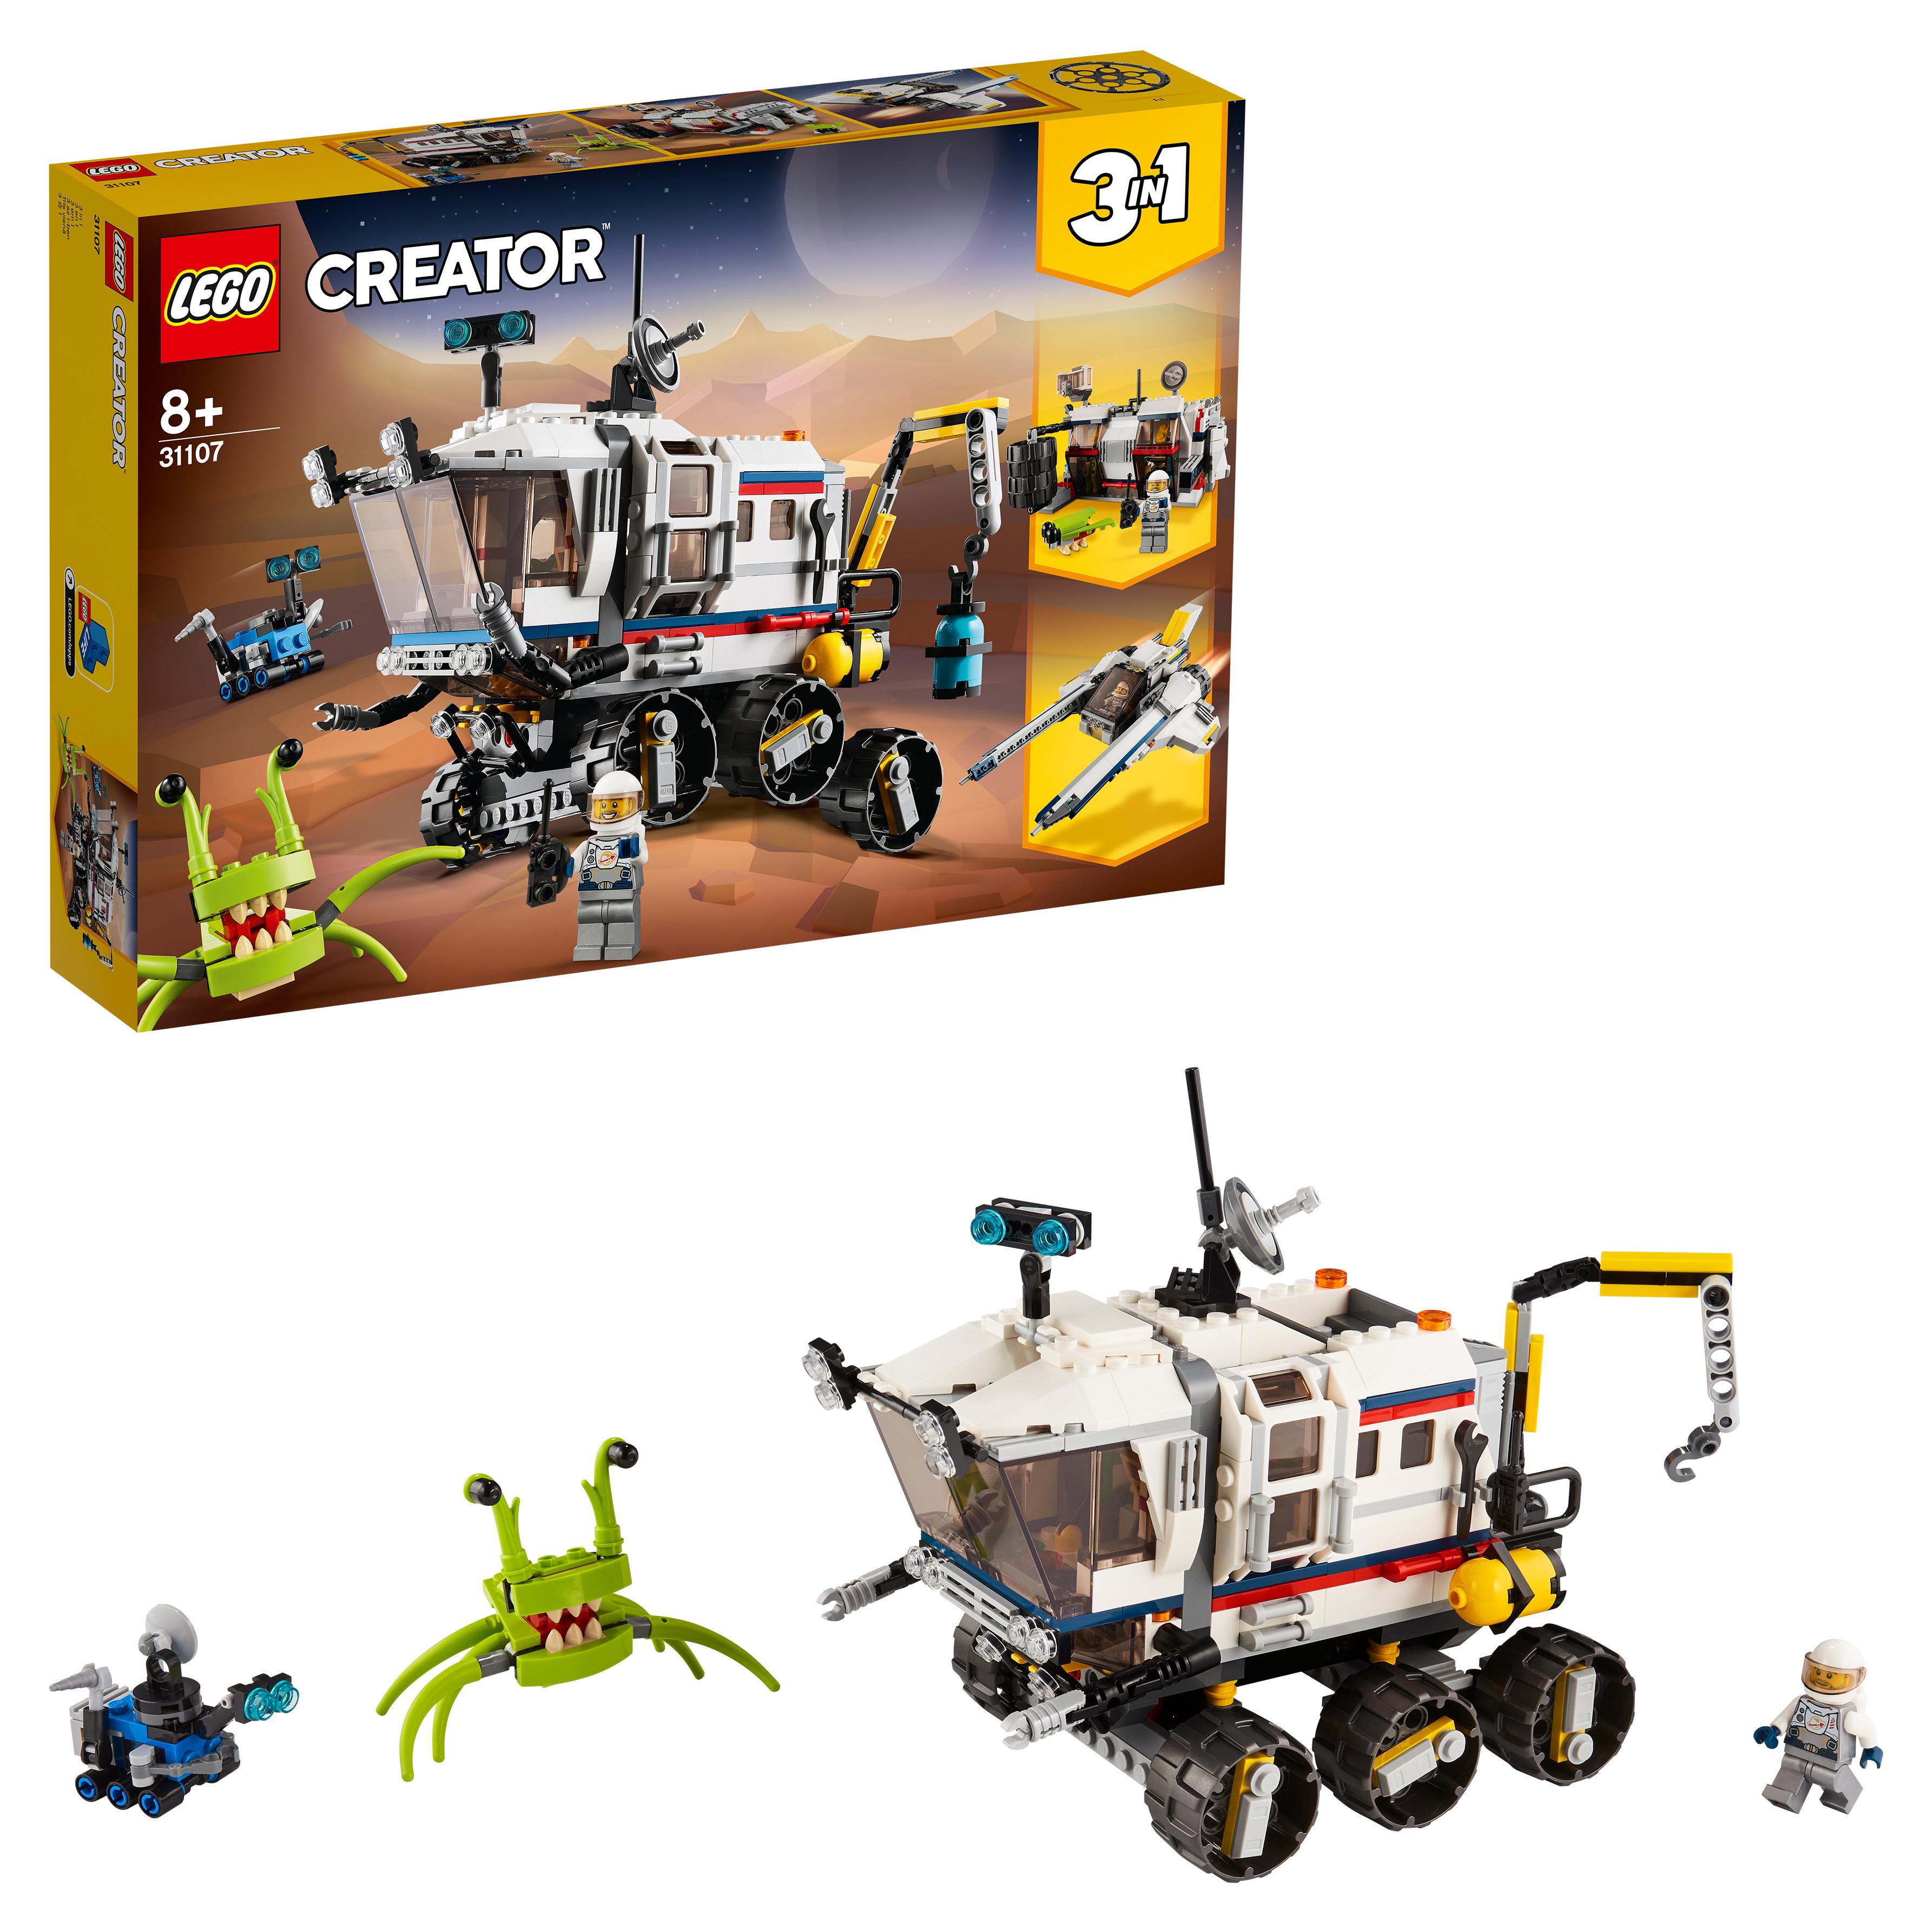 Конструктор LEGO Creator 31107 Исследовательский планетоход